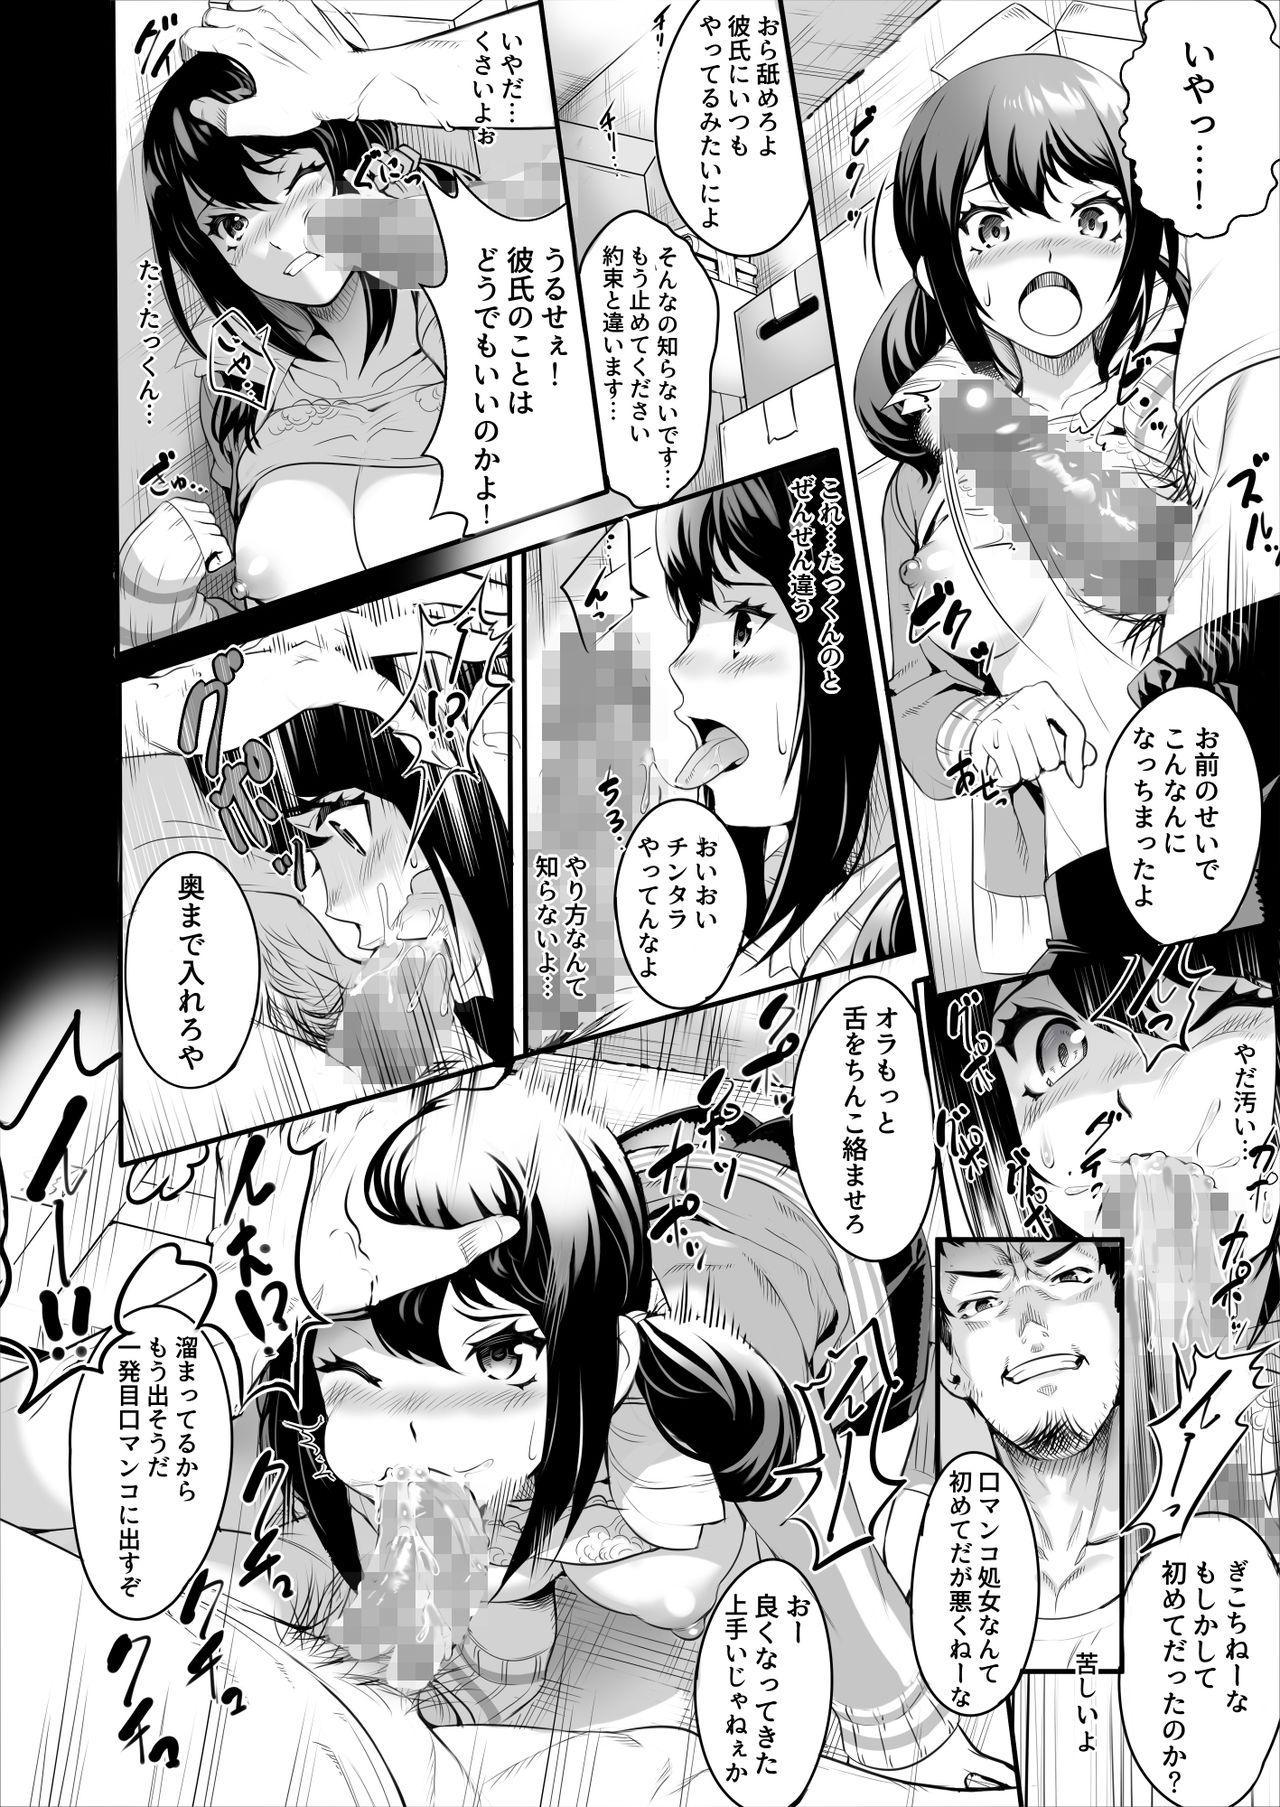 Netorareta Joshi Manager ga Jitsuwa Inran Datta. 8